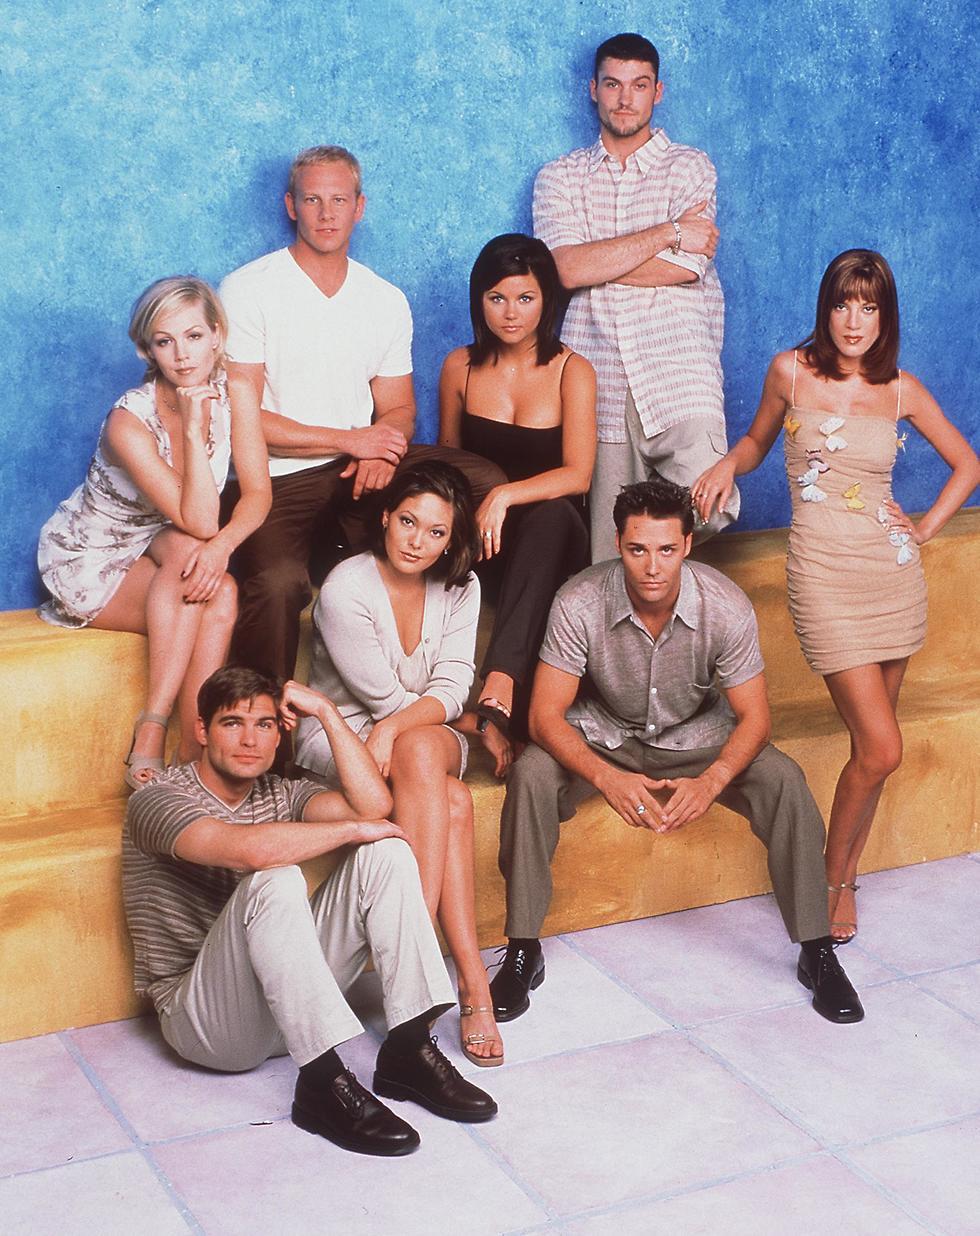 בוורלי הילס 90210 (צילום: Gettyimages)